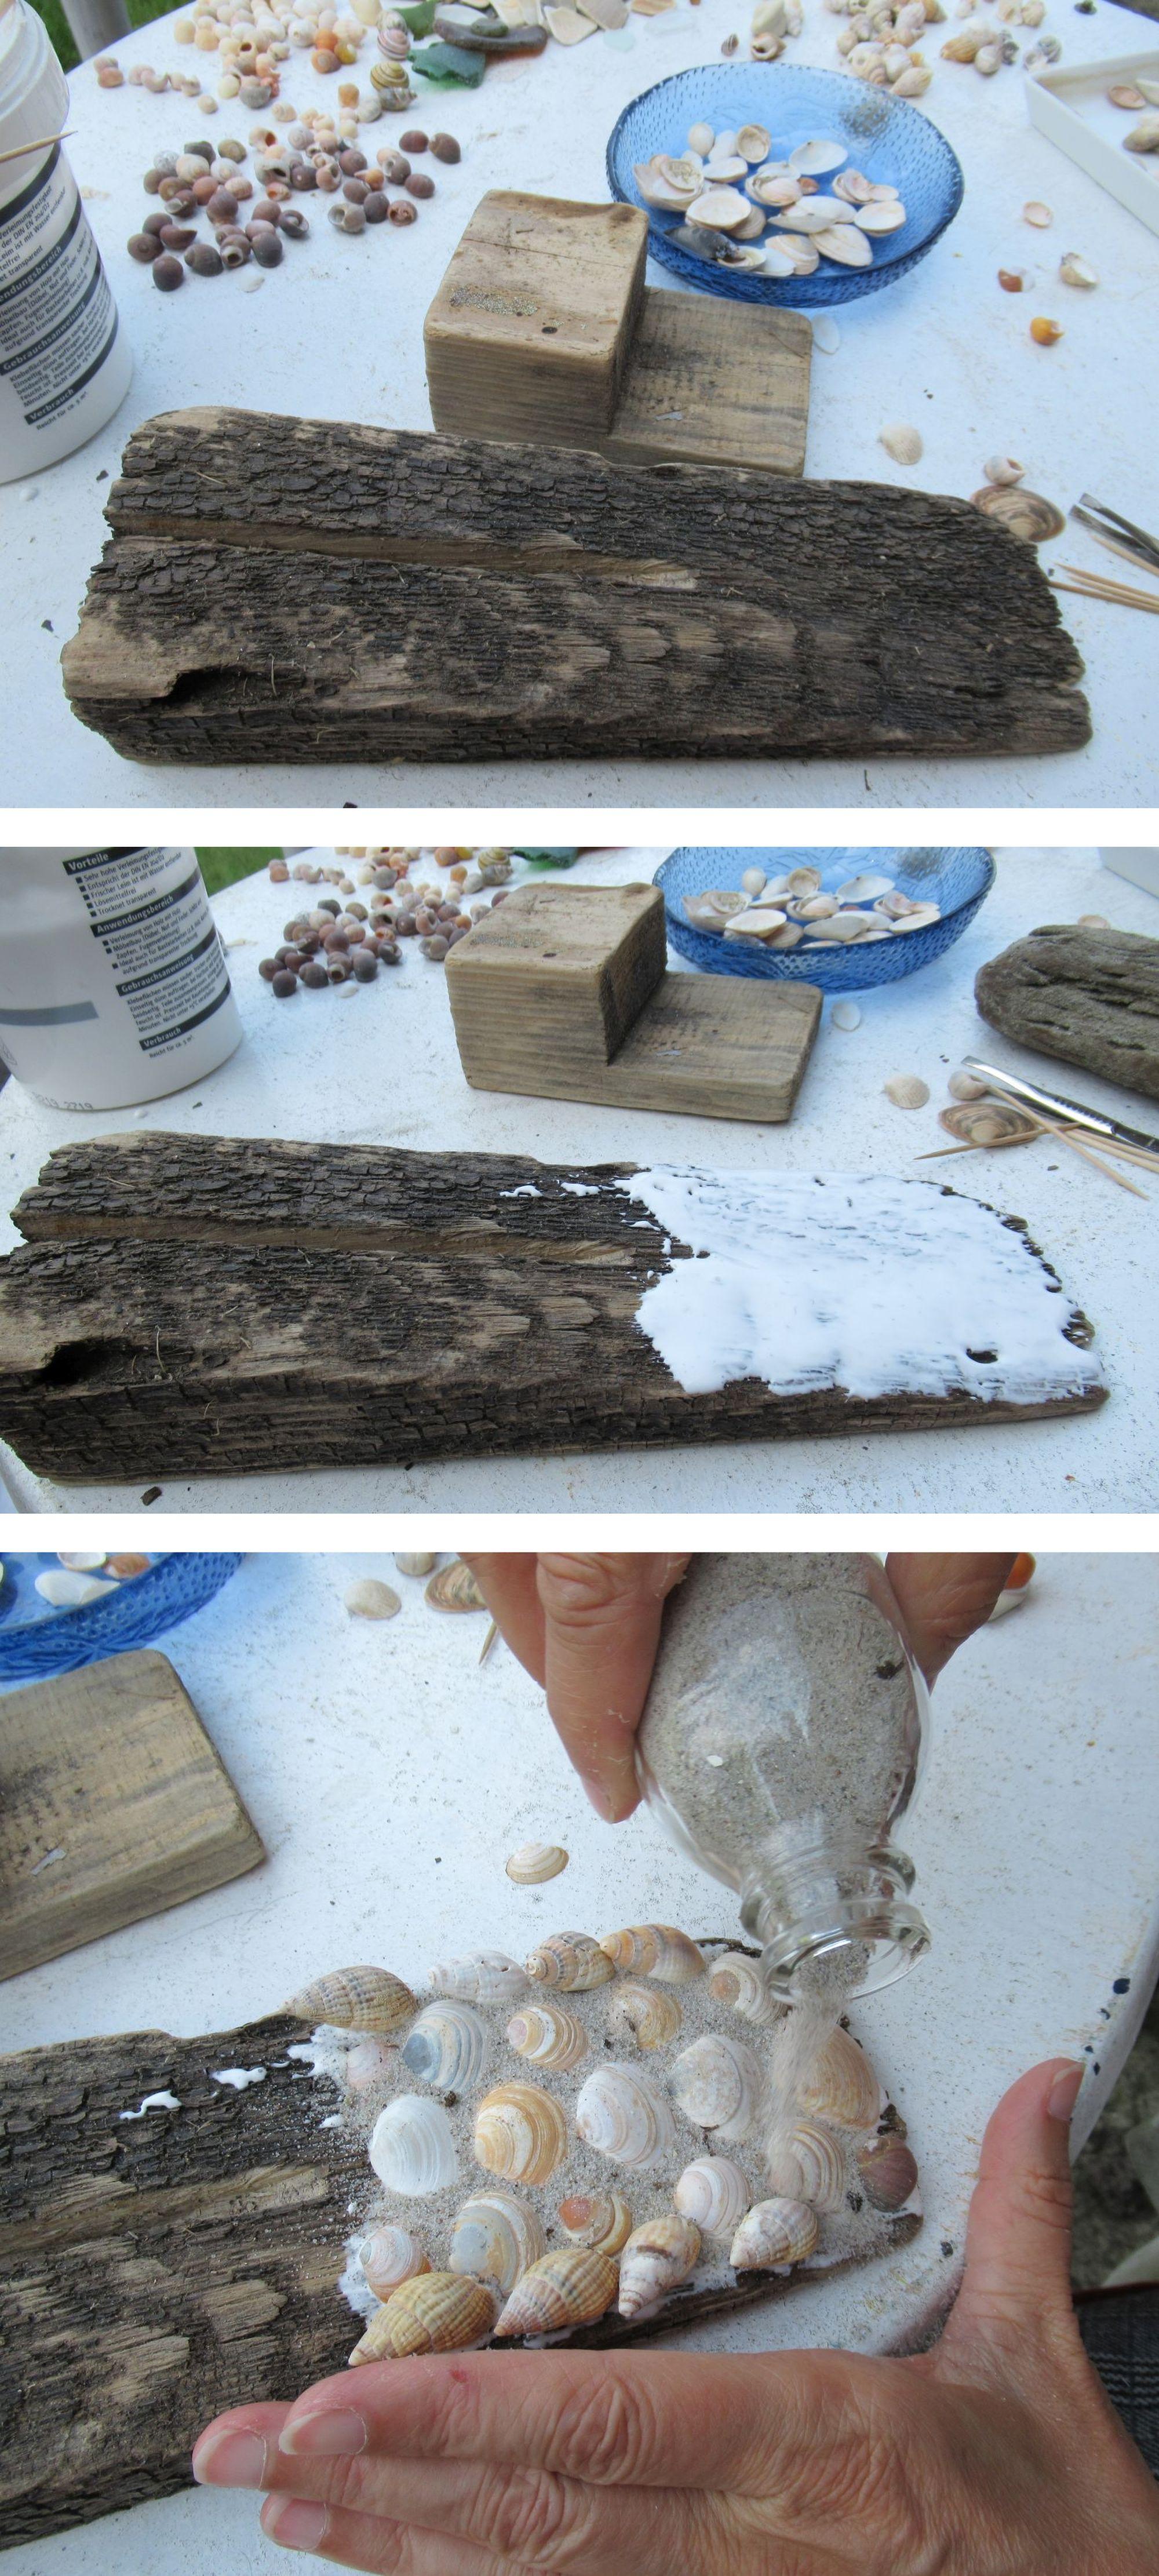 Treibholz mit Muscheln bekleben und mit Sand verfeinern